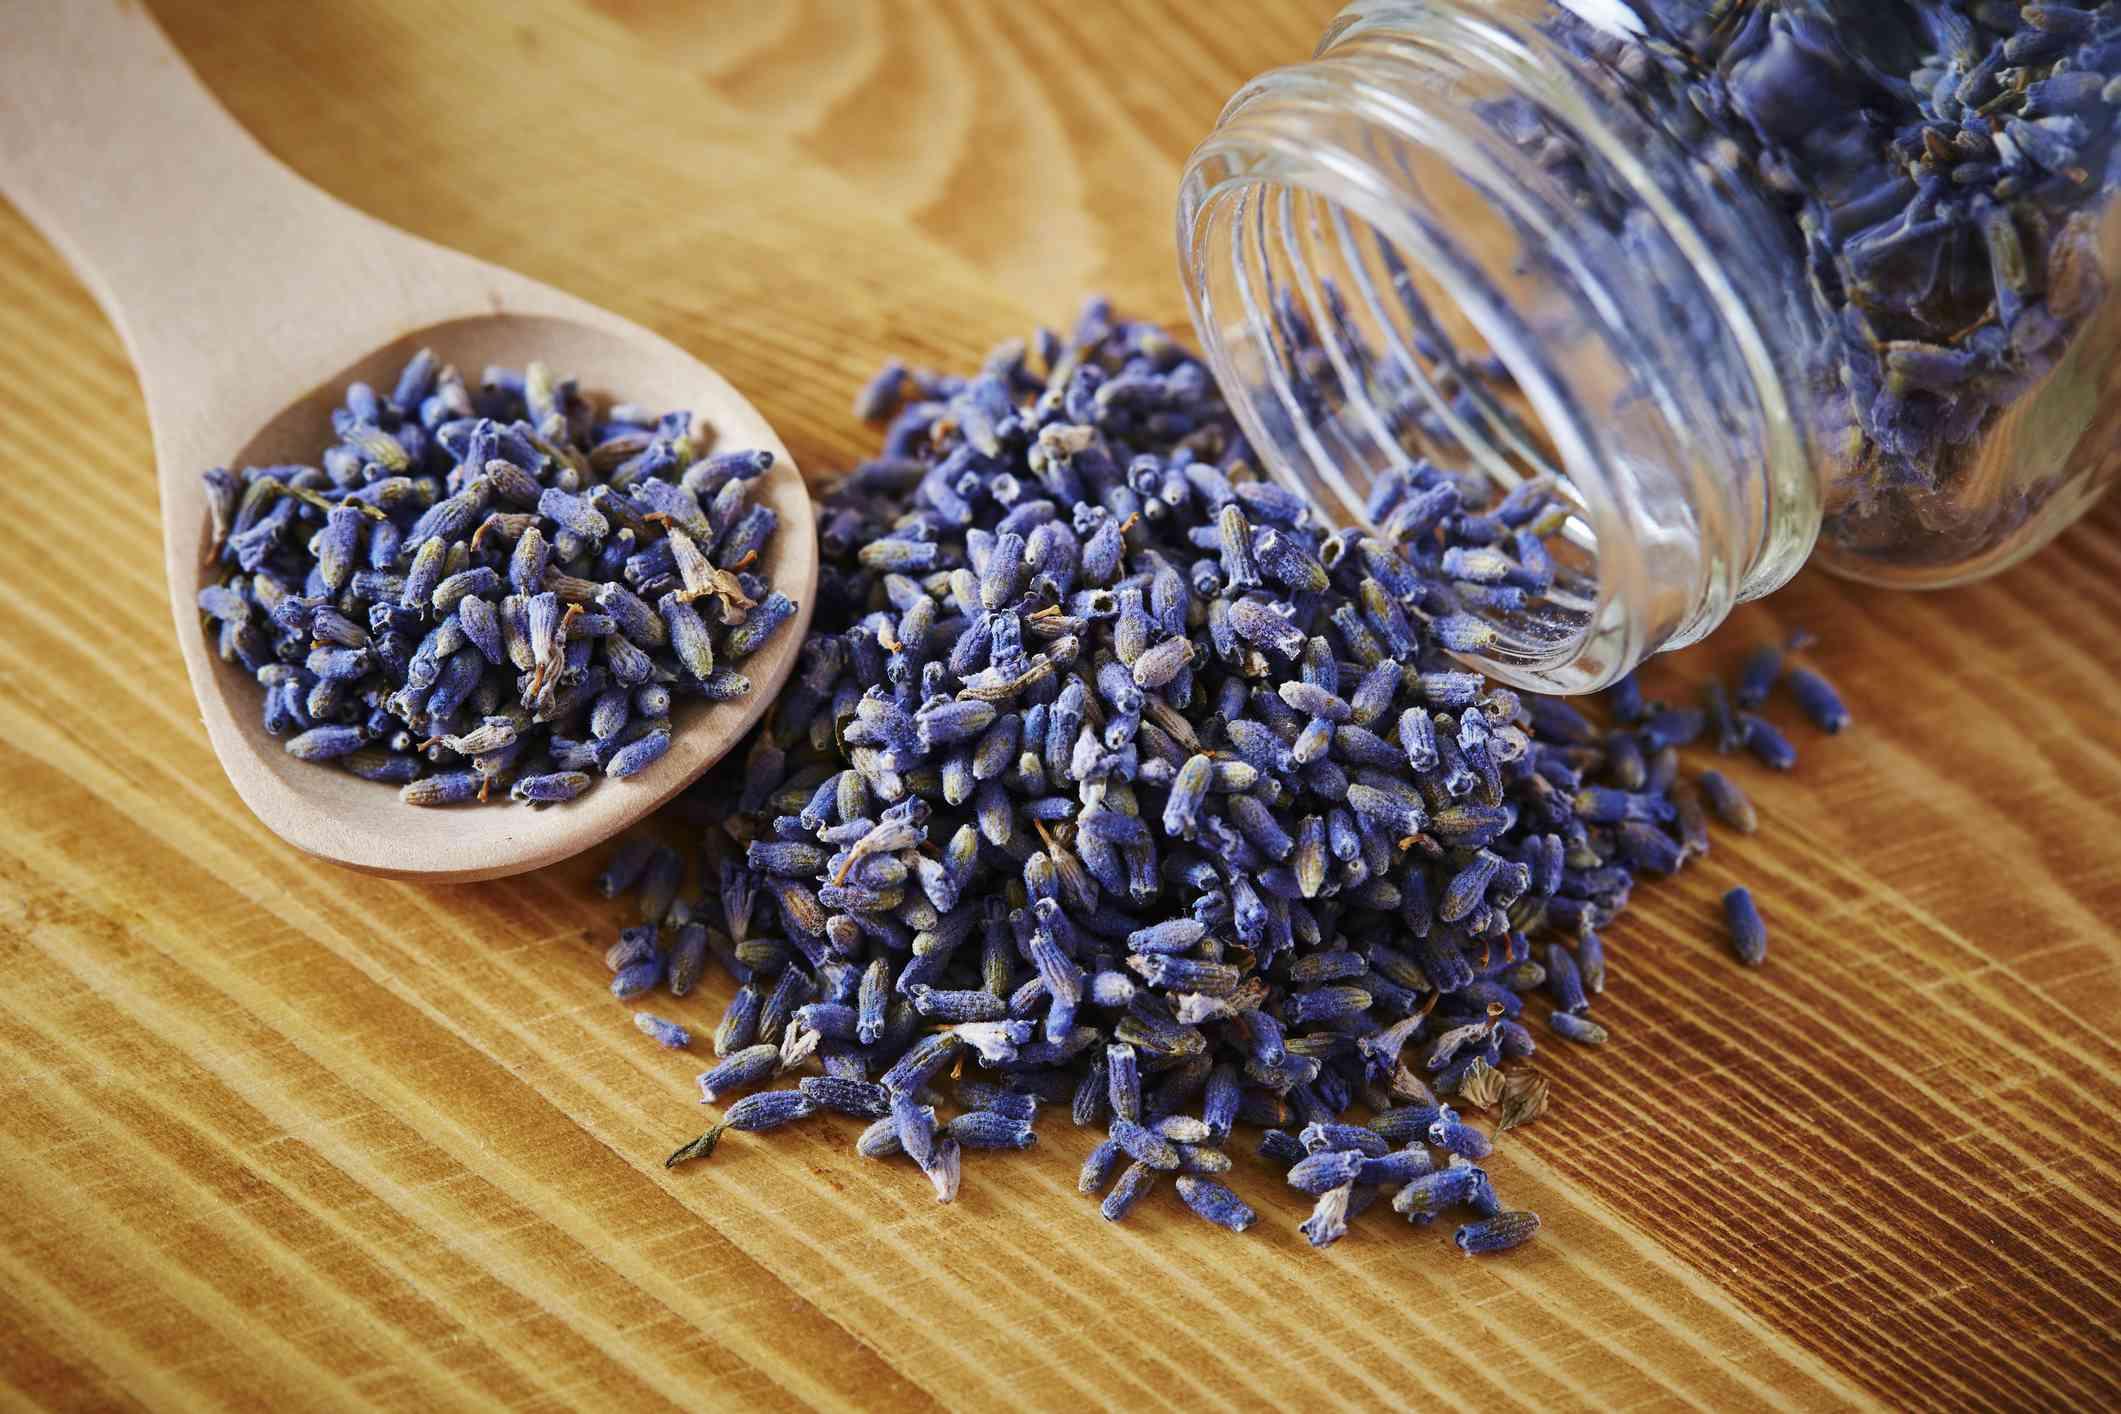 Lavender tea leaves